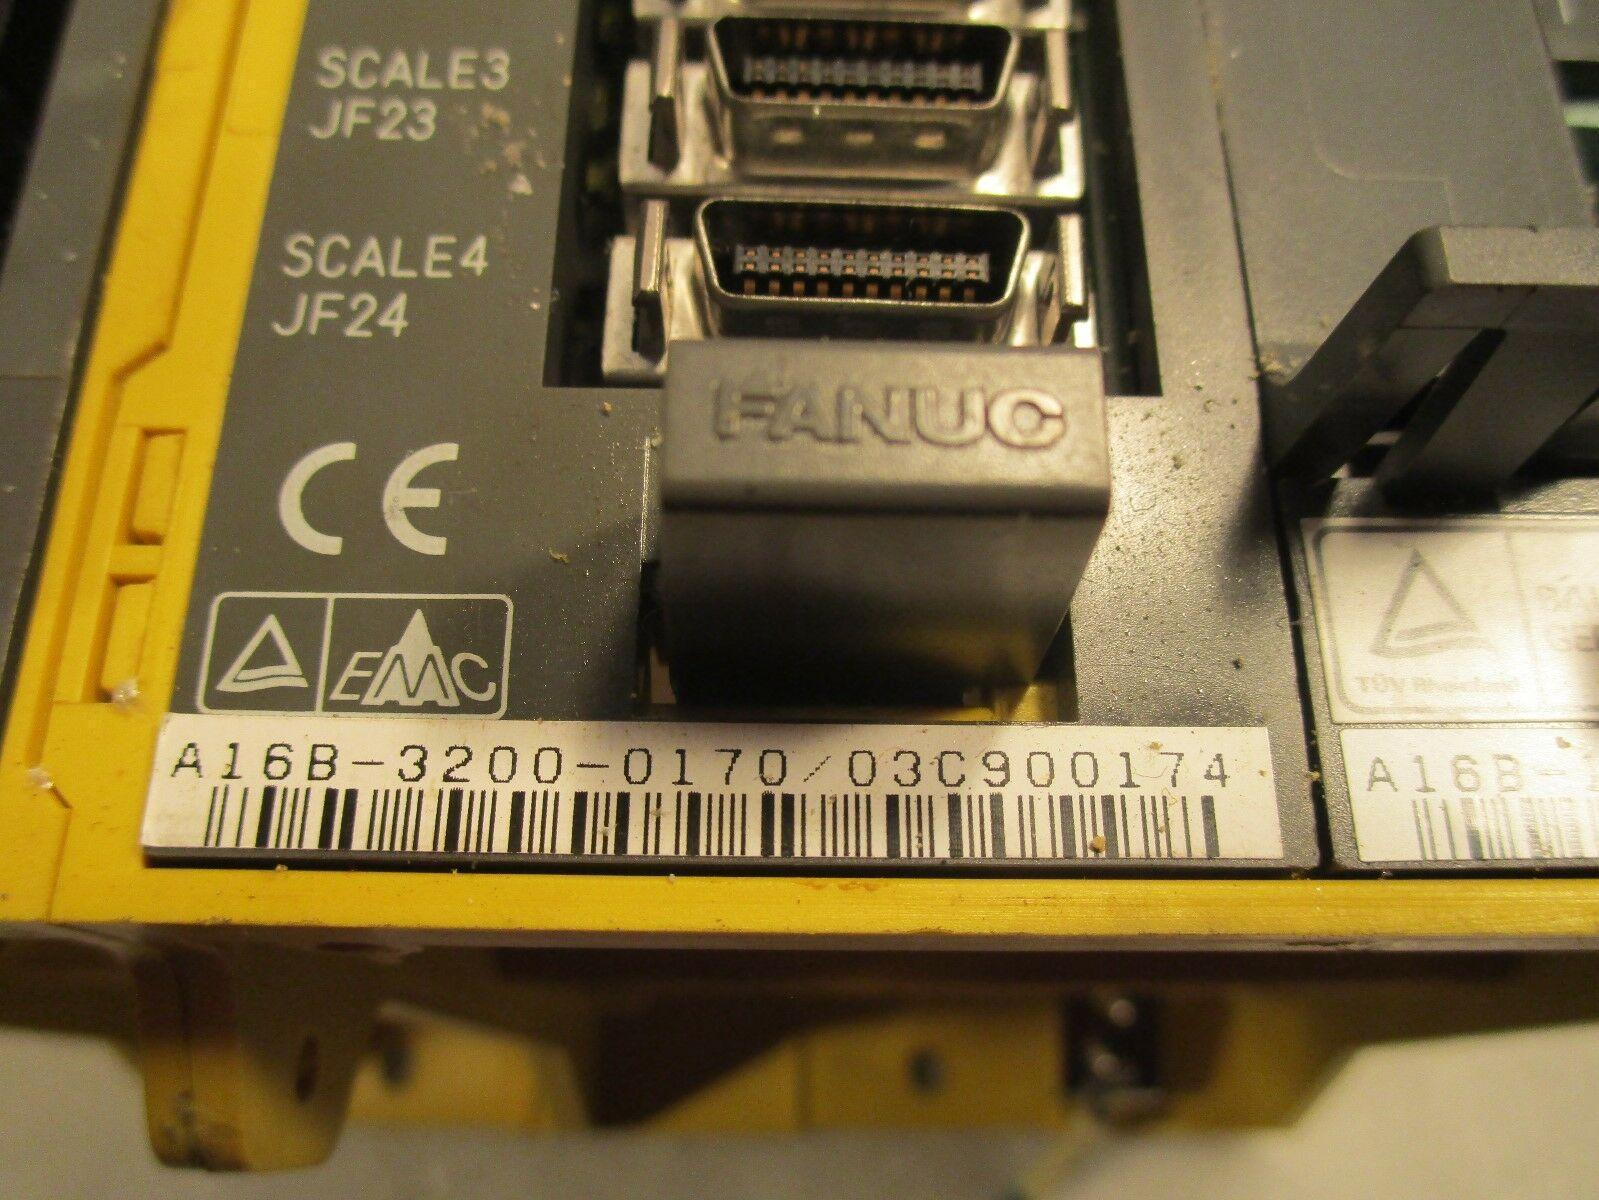 Fanuc 18i CNC Control A06B-0200-B505,A16B-121-0901,A16B-3200-0170,A16B-2203-0200